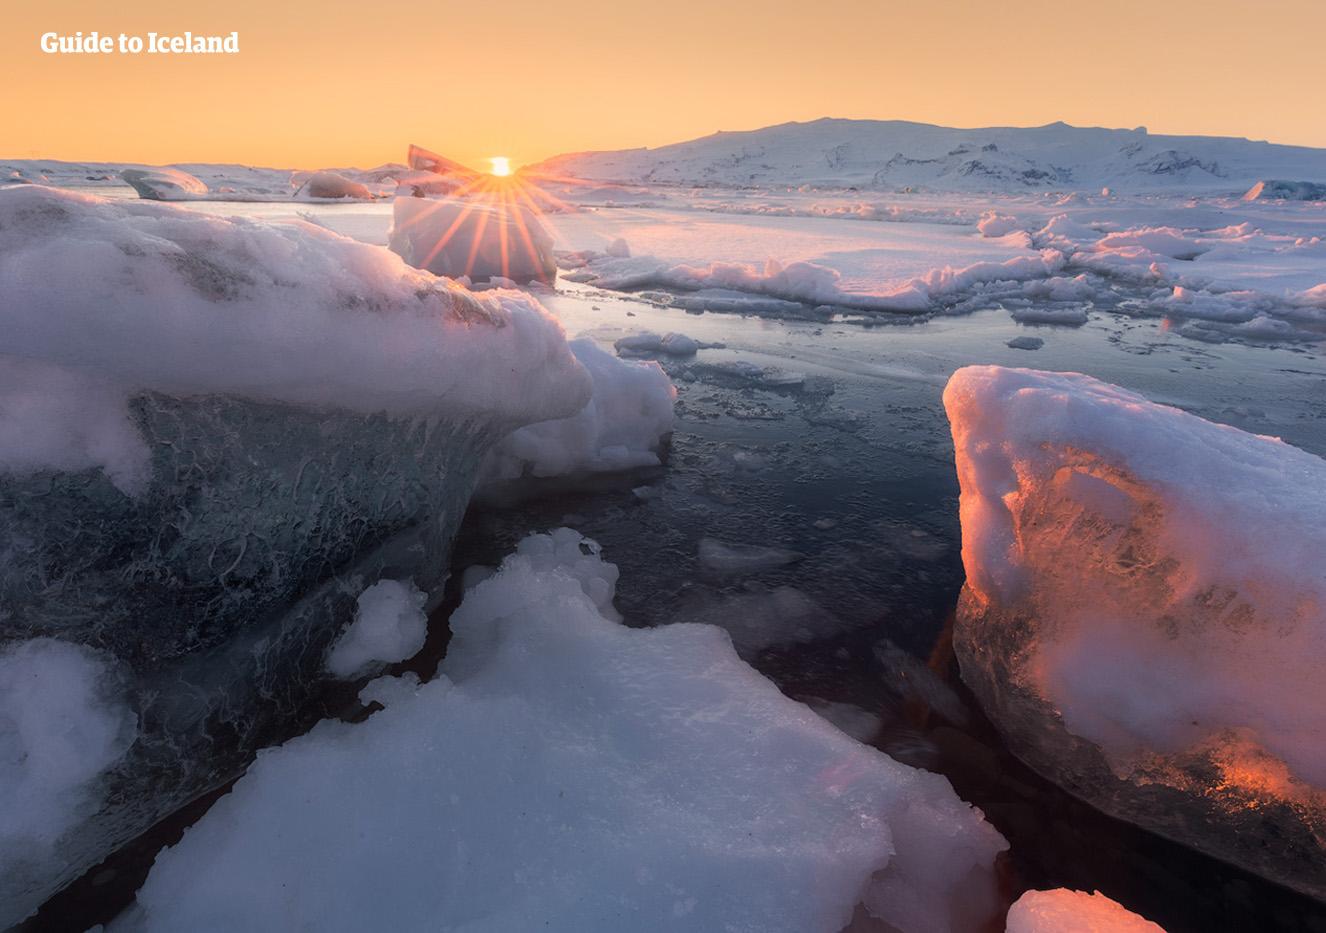 杰古沙龙冰河湖(Jökulsárlón)位于冰岛南部